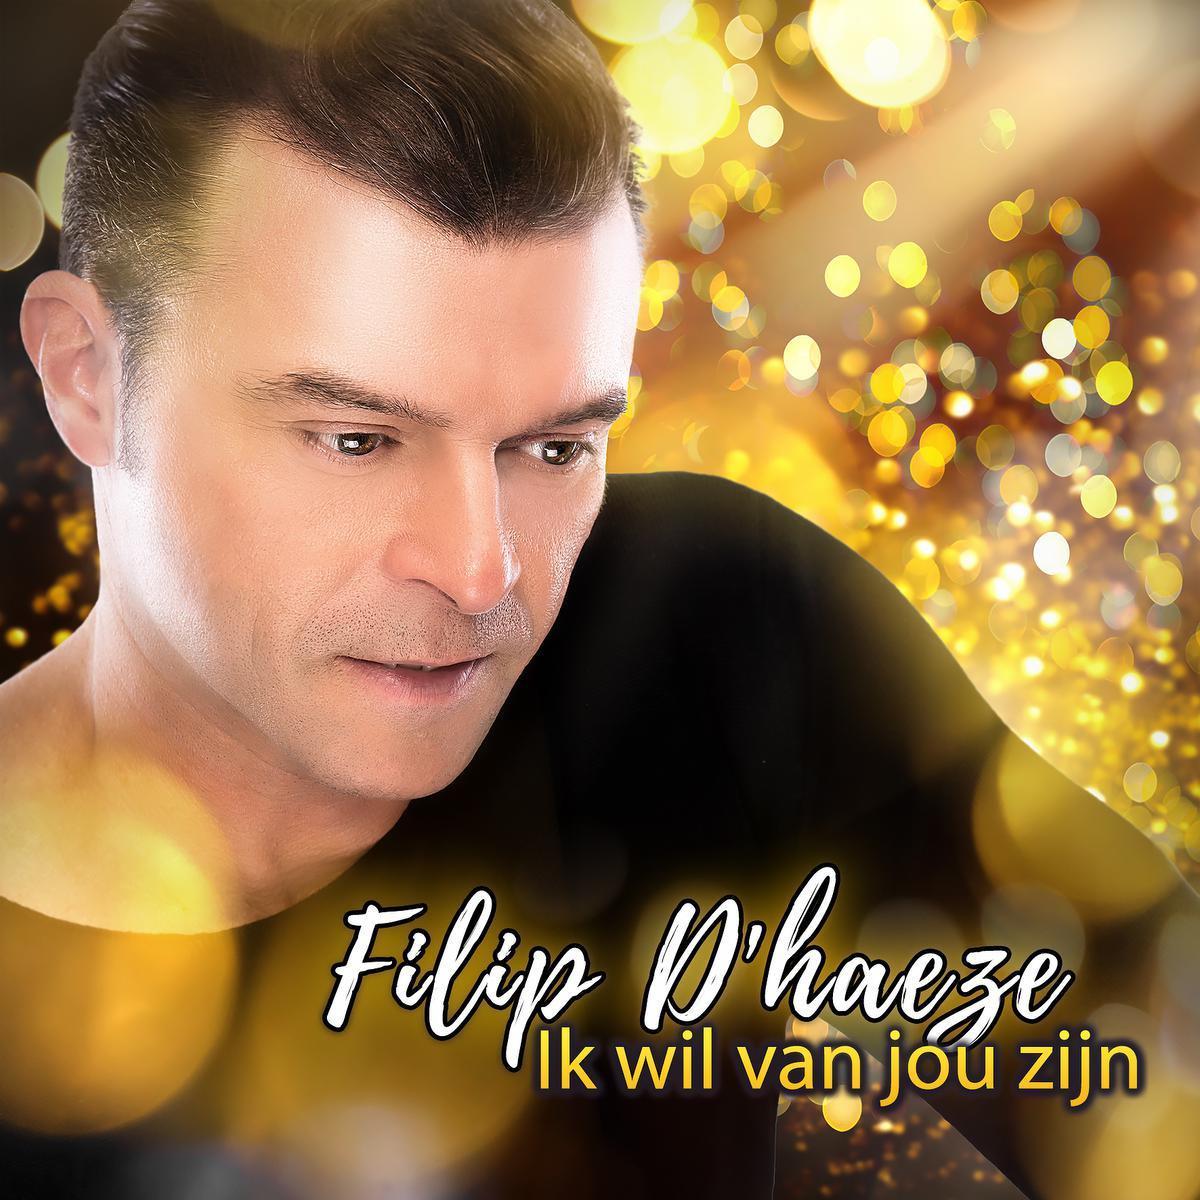 Filip D'haeze zingt 'Ik wil van jou zijn' in nieuwe solo-single en draagt ballade op aan zijn dochters